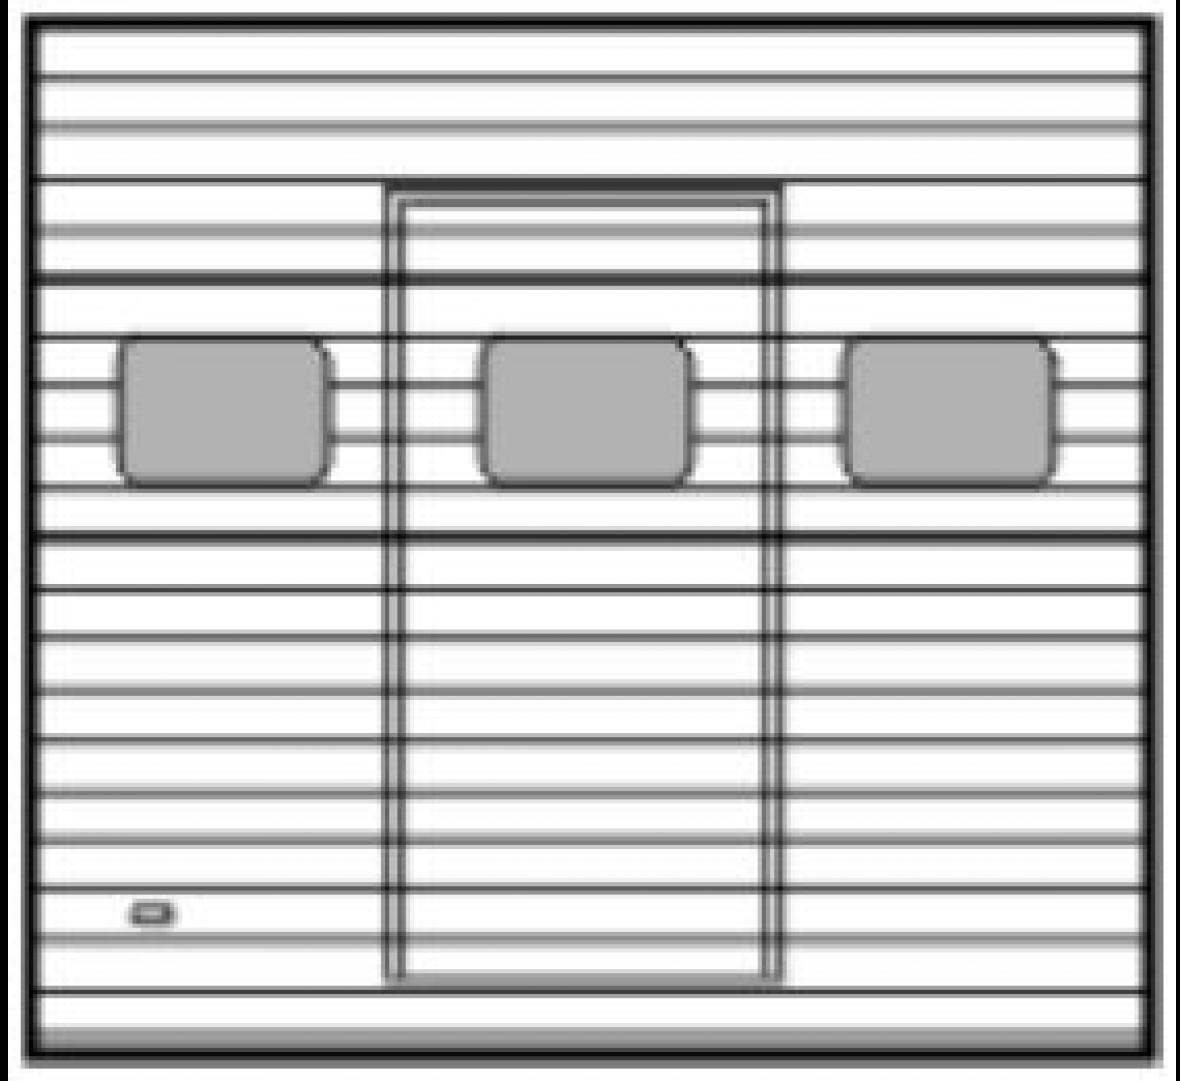 ST40 z oknami i furtką serwisową